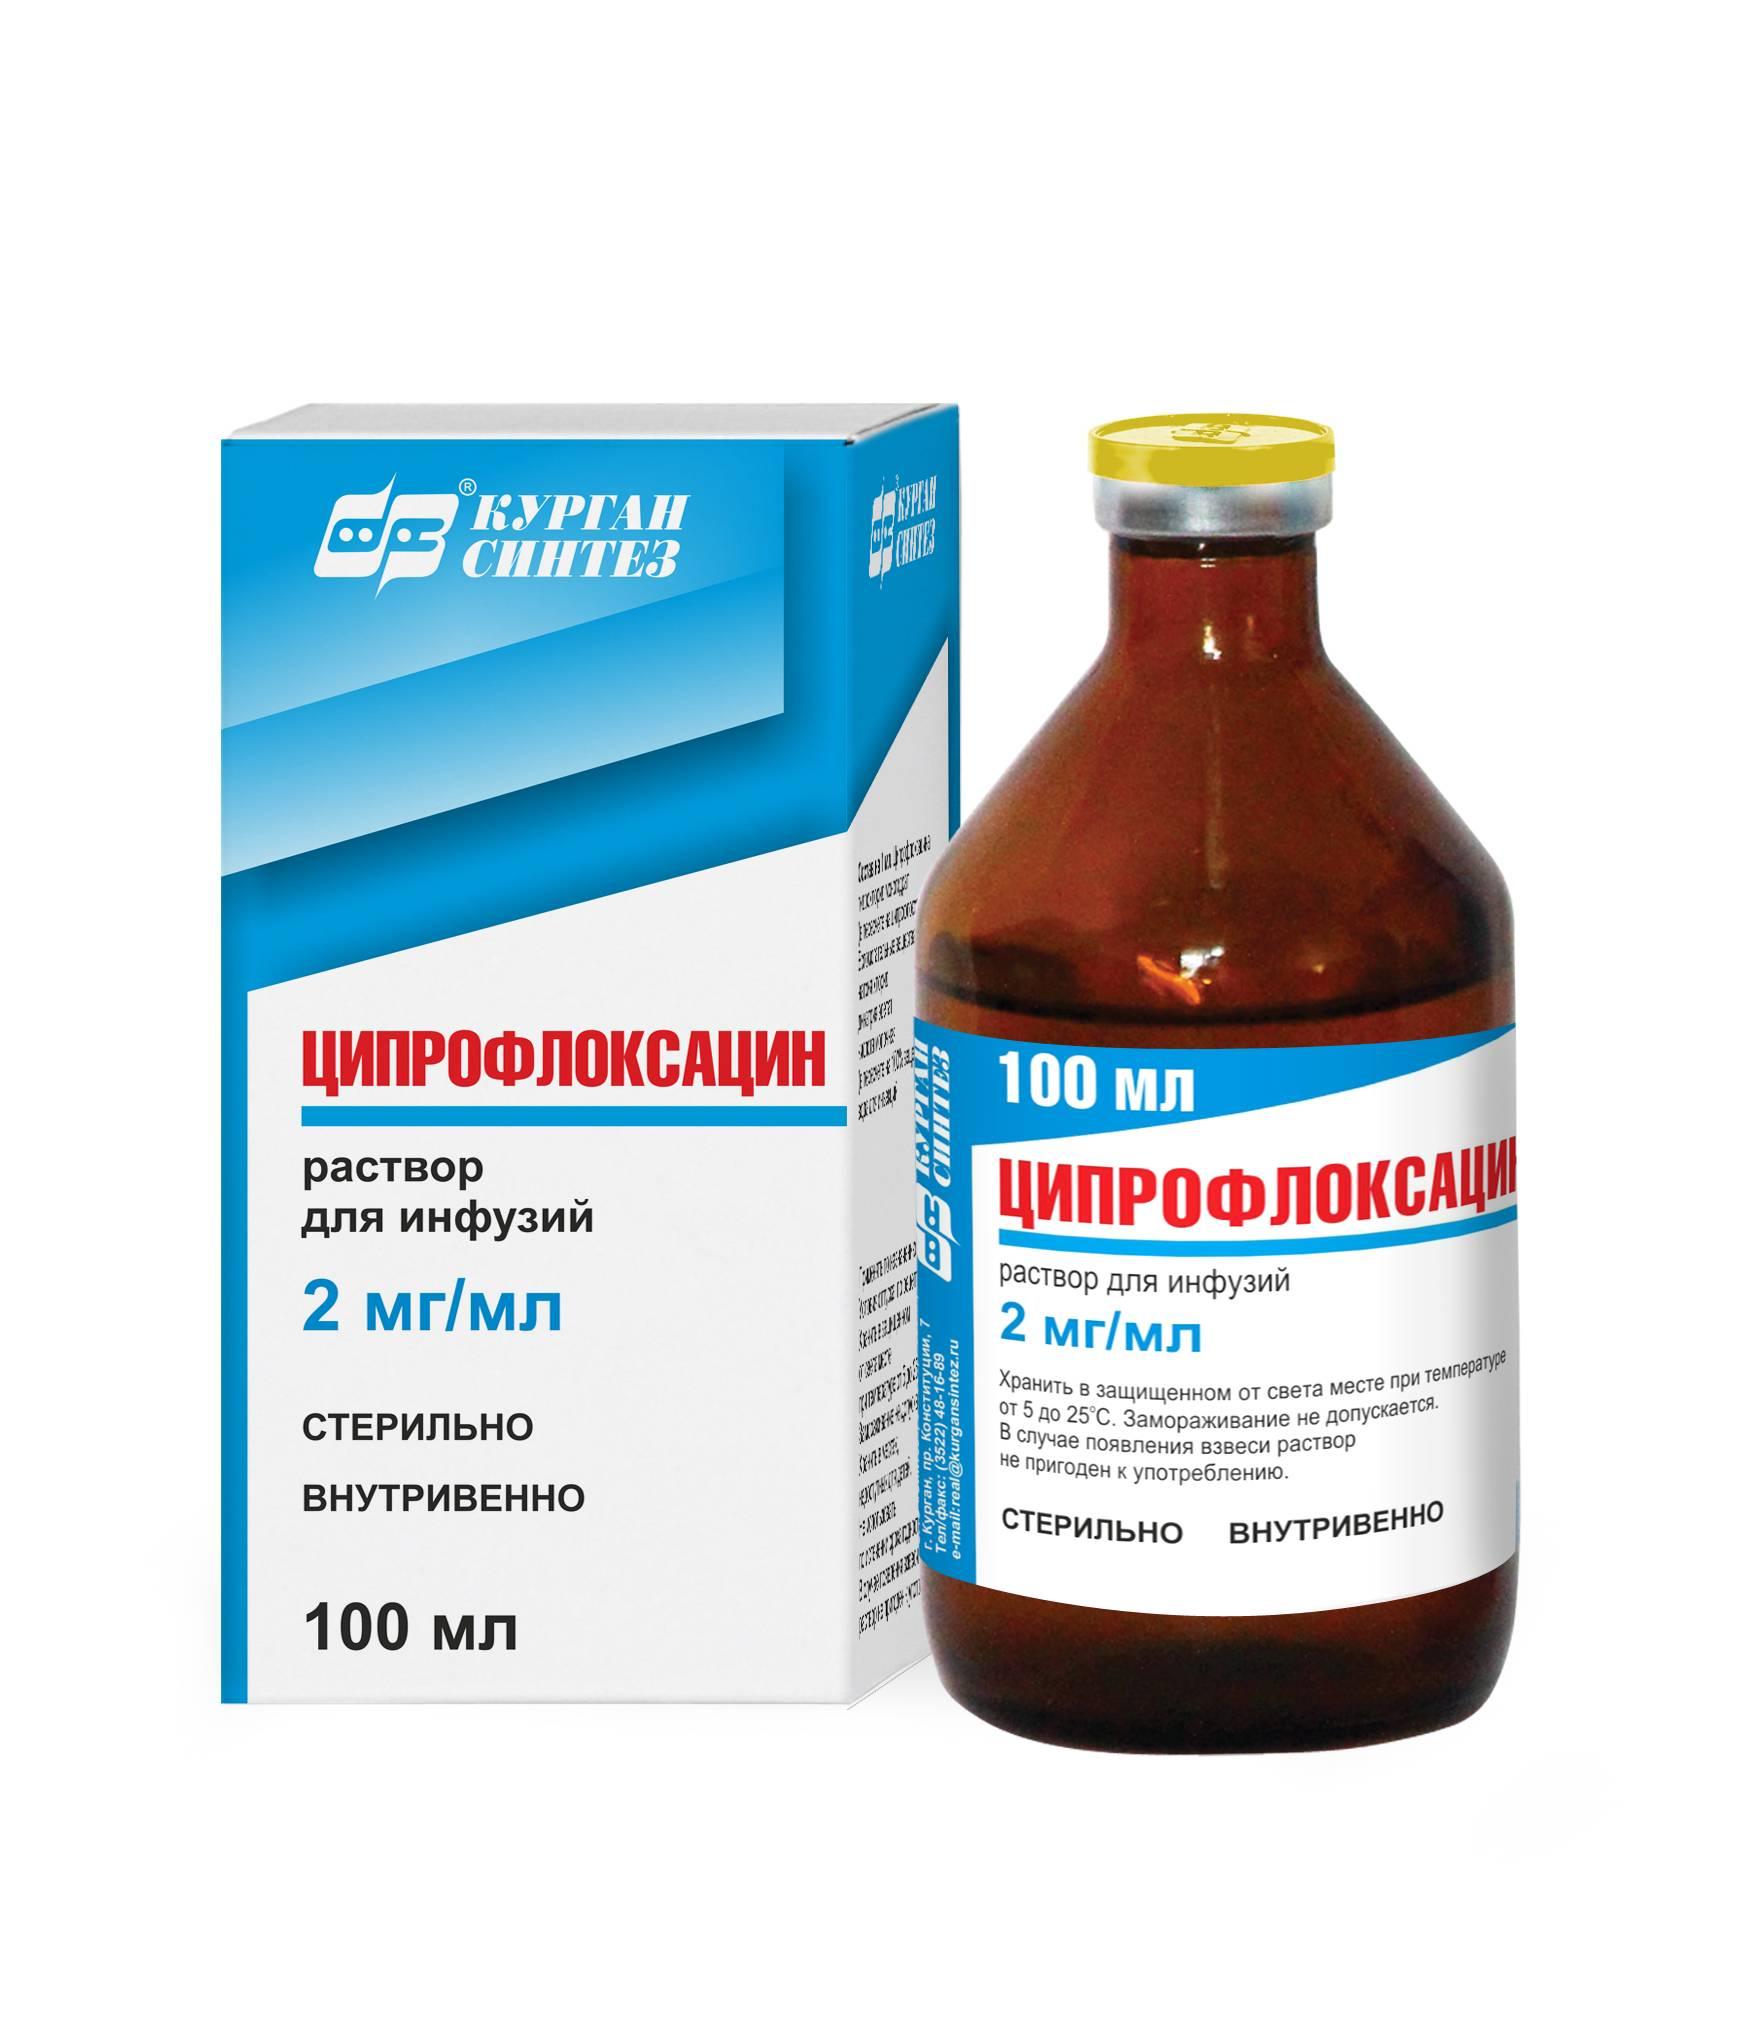 Лечение острого и хронического простатита ципрофлоксацином